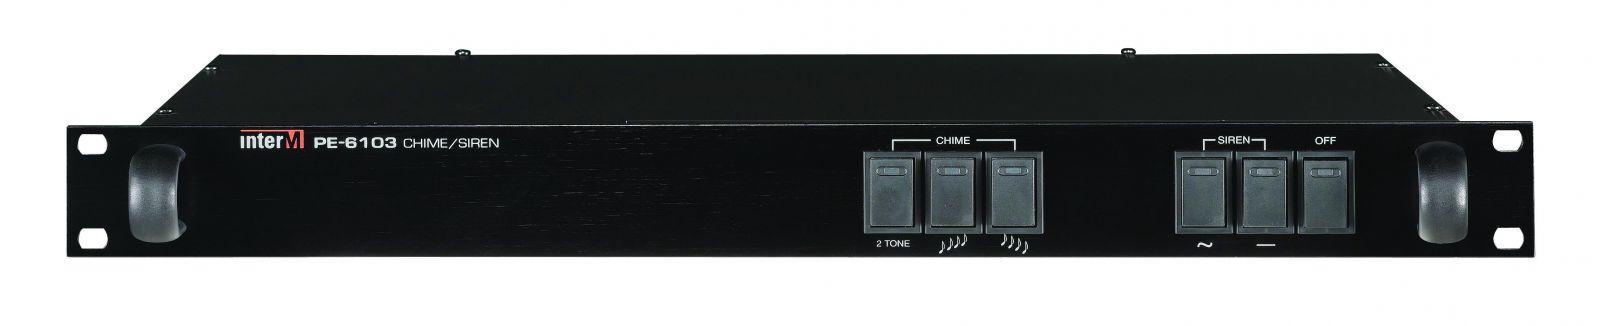 Phát chuông còi - PE-6103